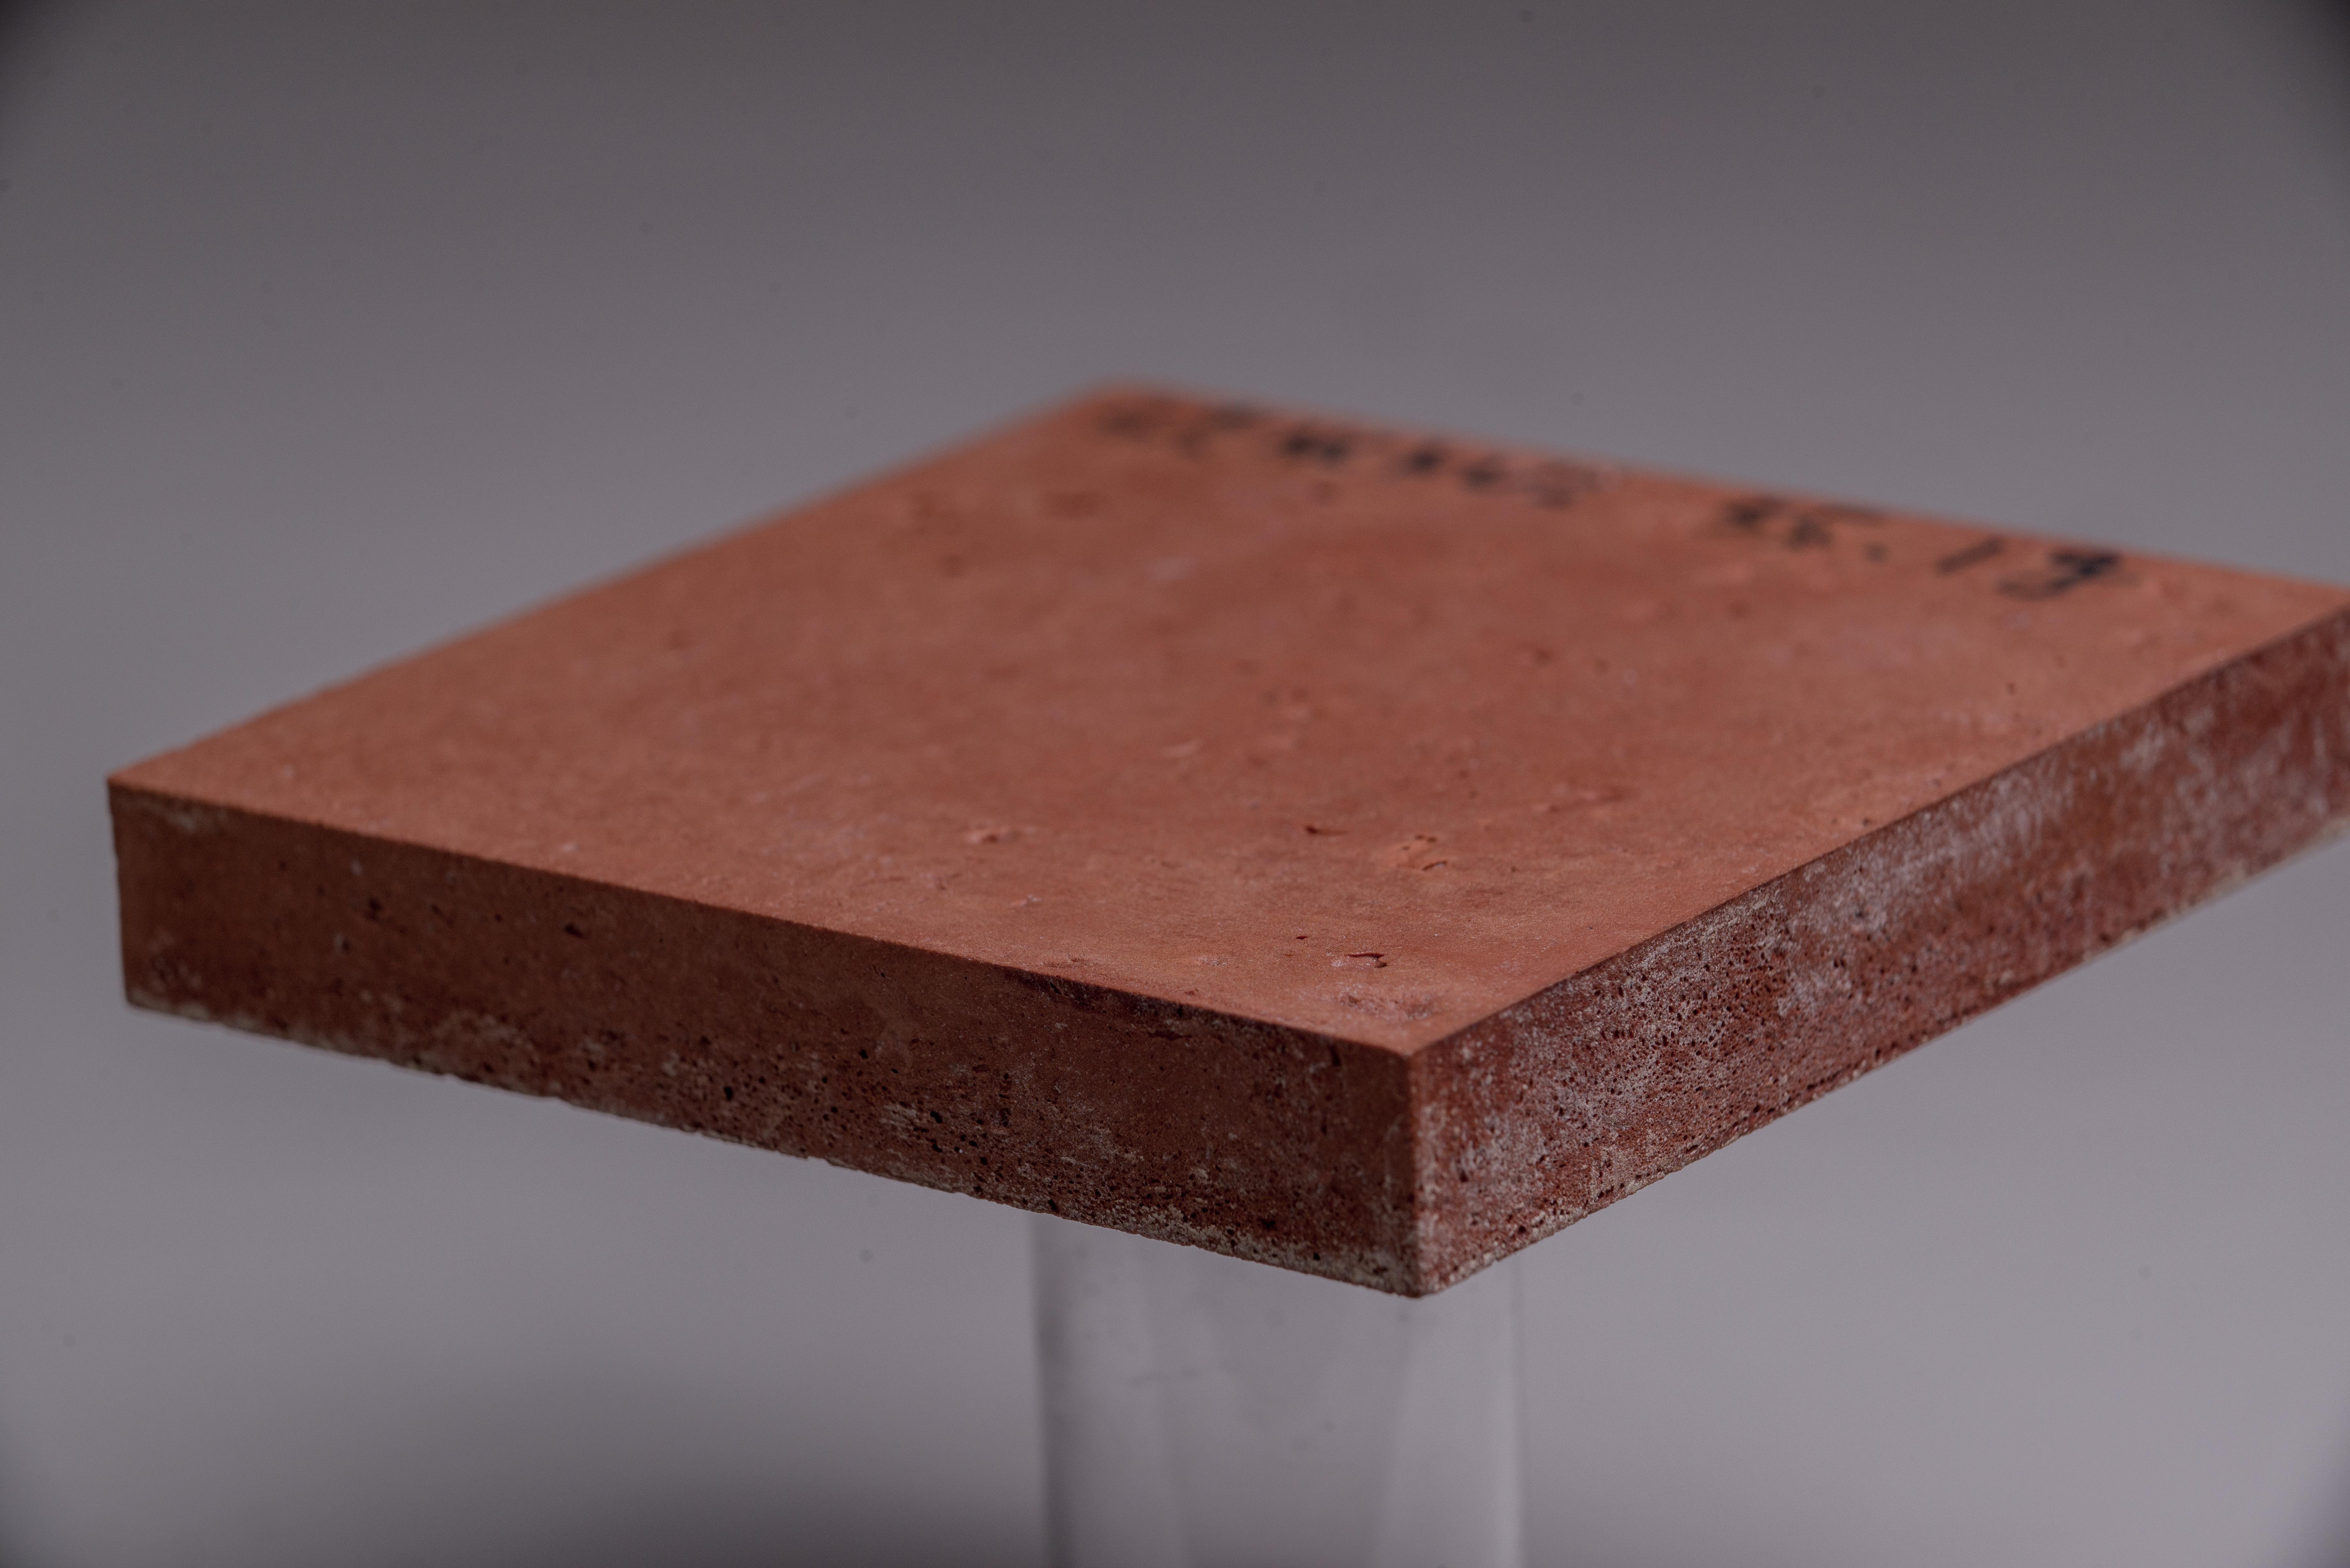 已獲得專利之「氣凝膠酚醛發泡板」具備耐燃一級與輕量化,適合應用在防火門、建築外殼上,以達到隔熱與防火之功能。